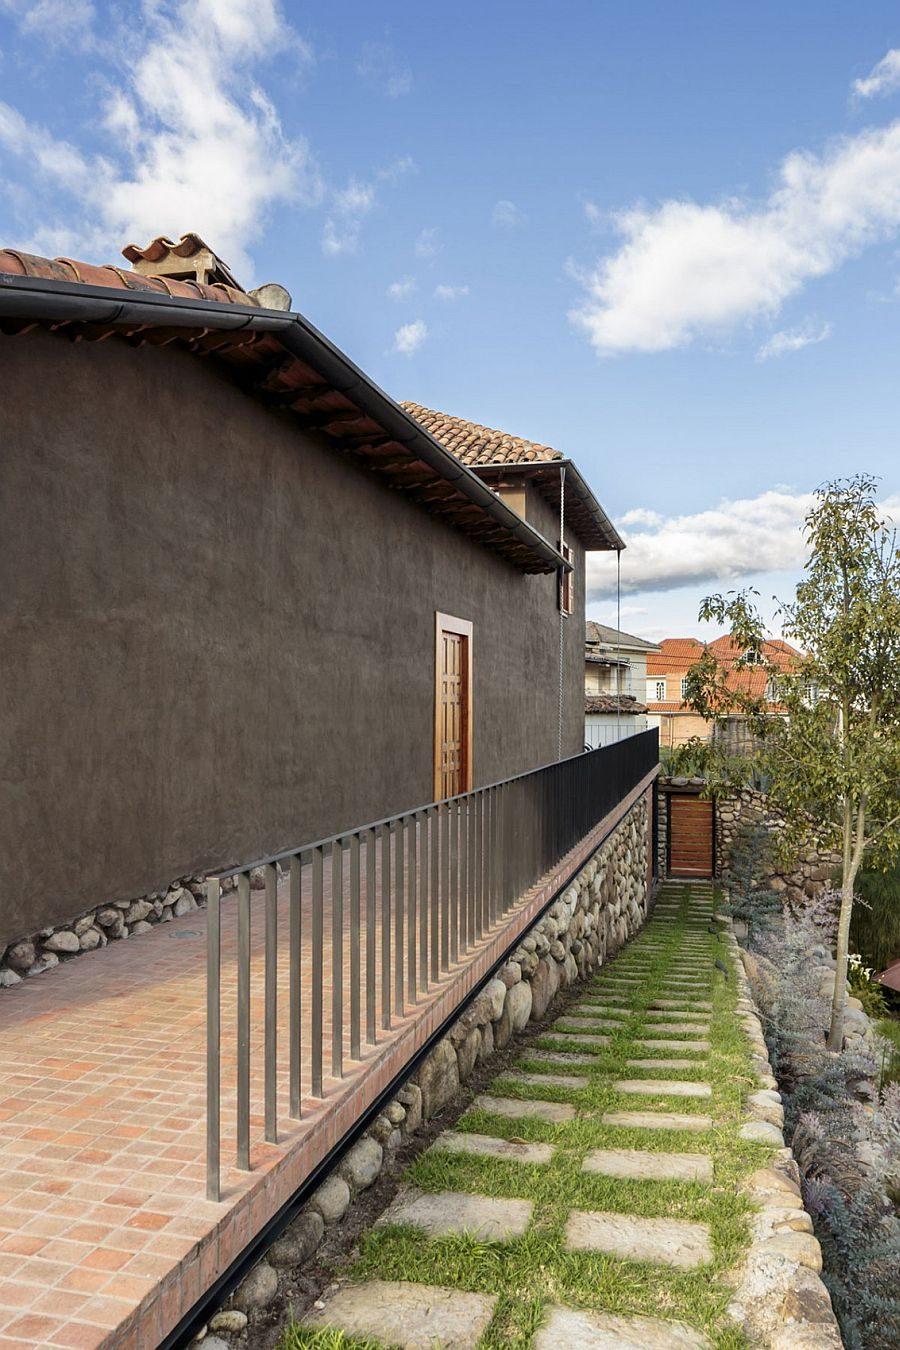 323 Loma House: Ngôi nhà kết hợp vẻ đẹp truyền thống và hiện đại tại Ecuador qpdesign